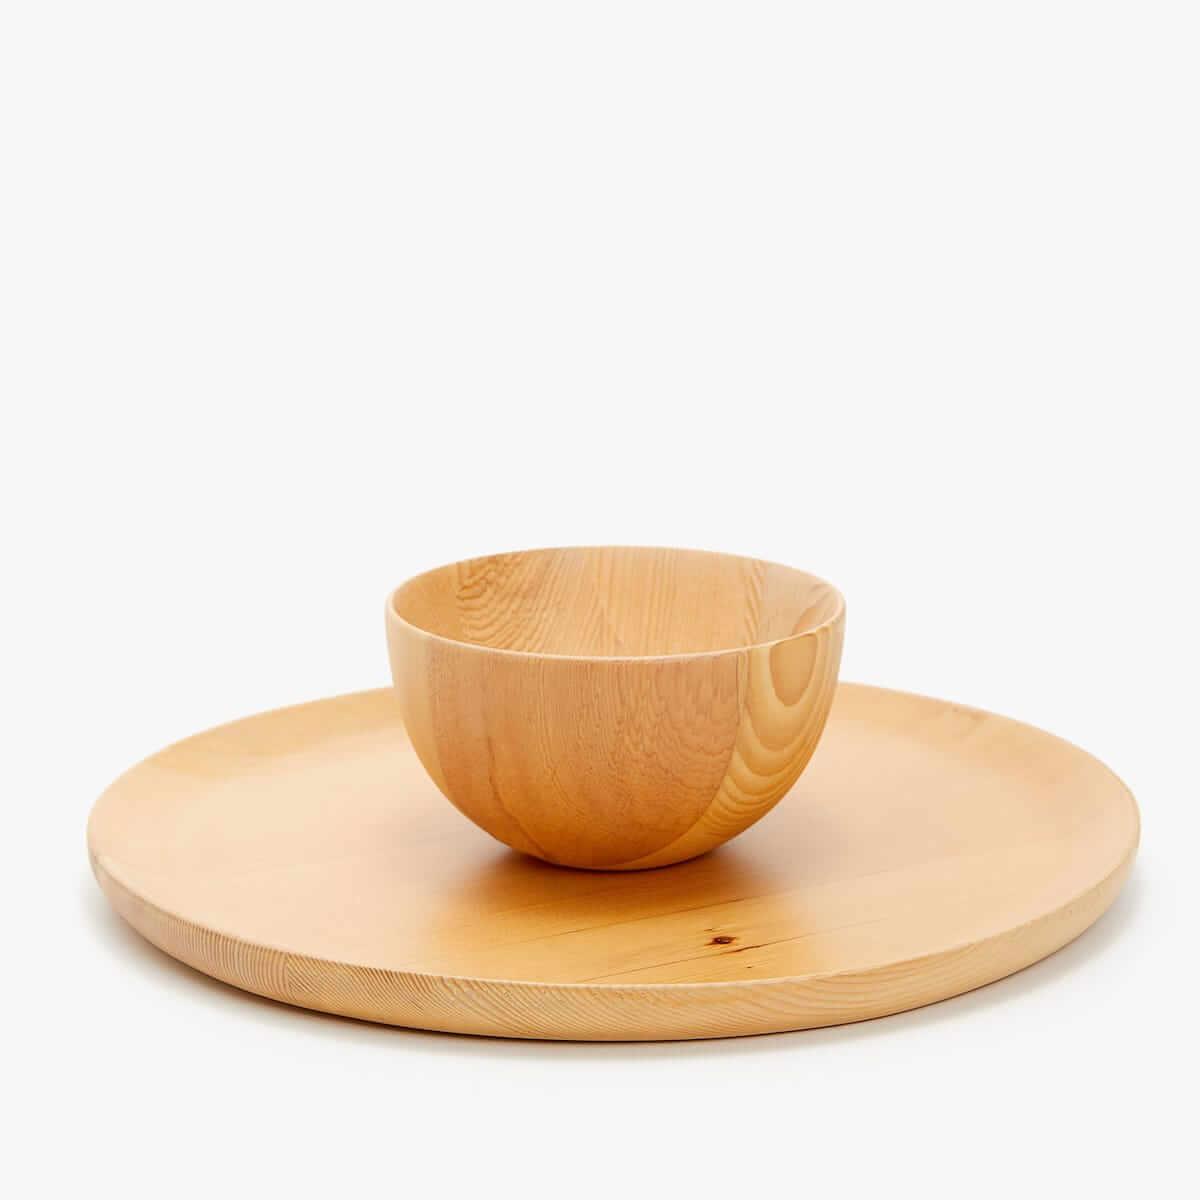 houten kom